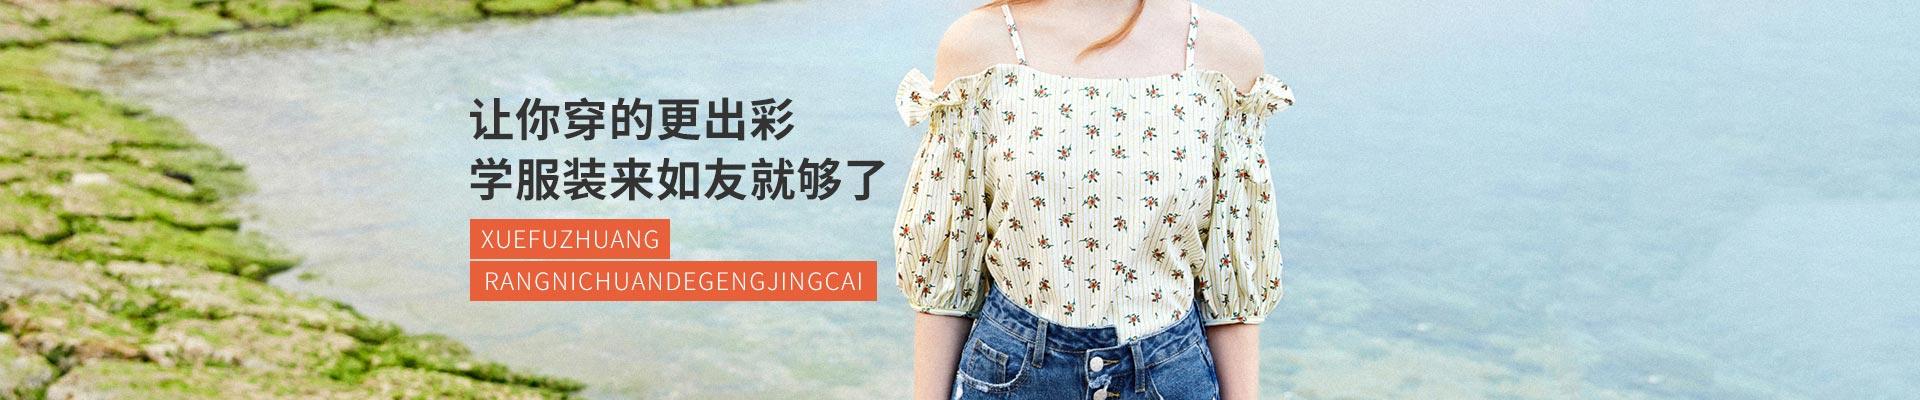 杭州如友服装贸易有限公司